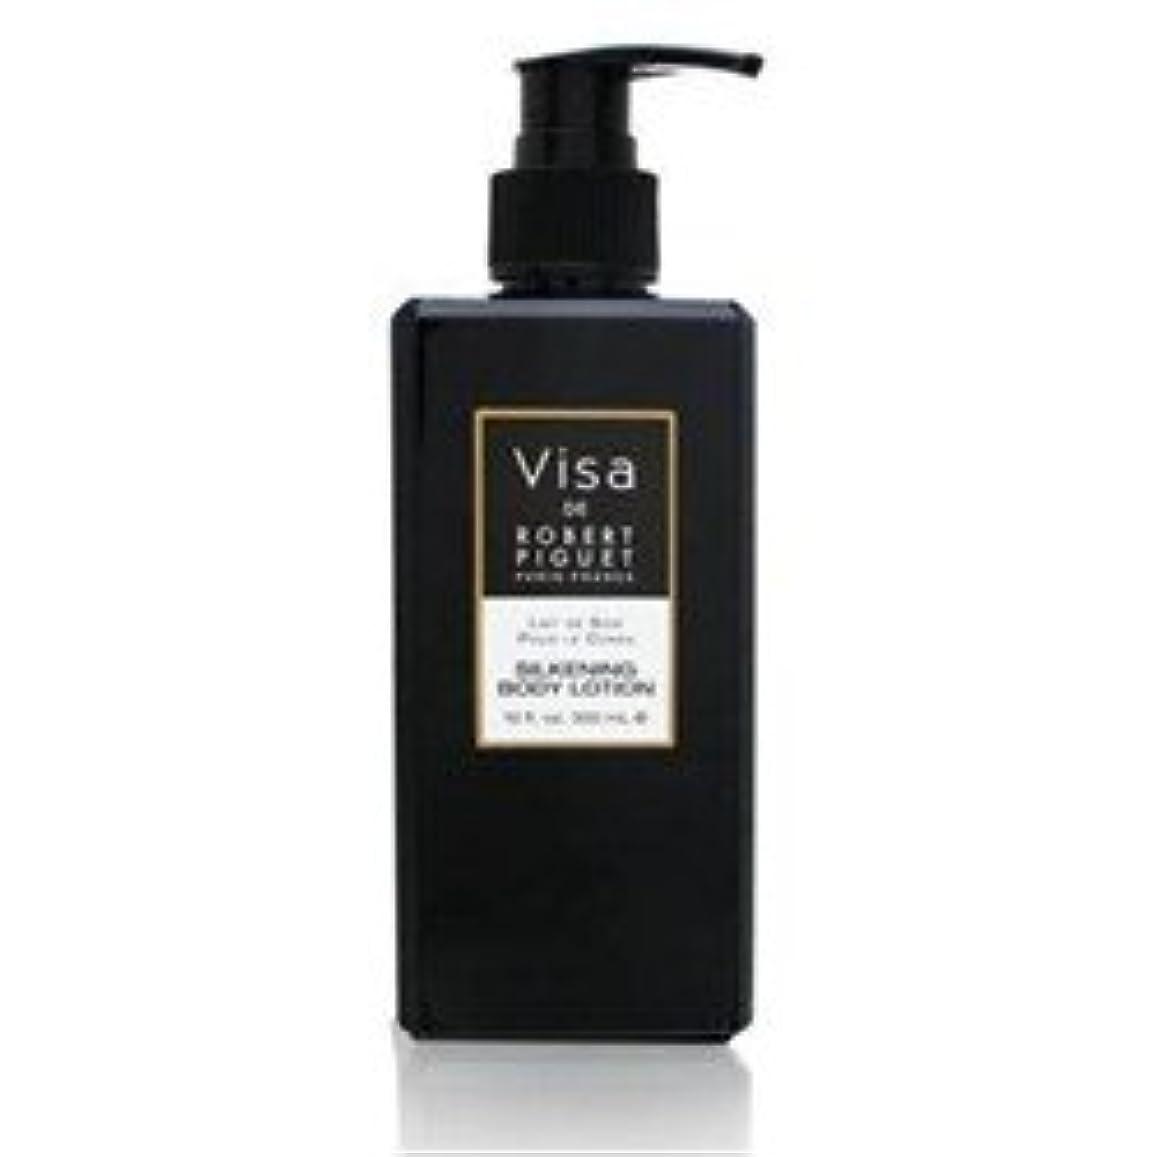 暗唱する王室白鳥Visa (ビザ)10 oz (300ml) Body Lotion (ボディーローション) by Robert Piguet for Women